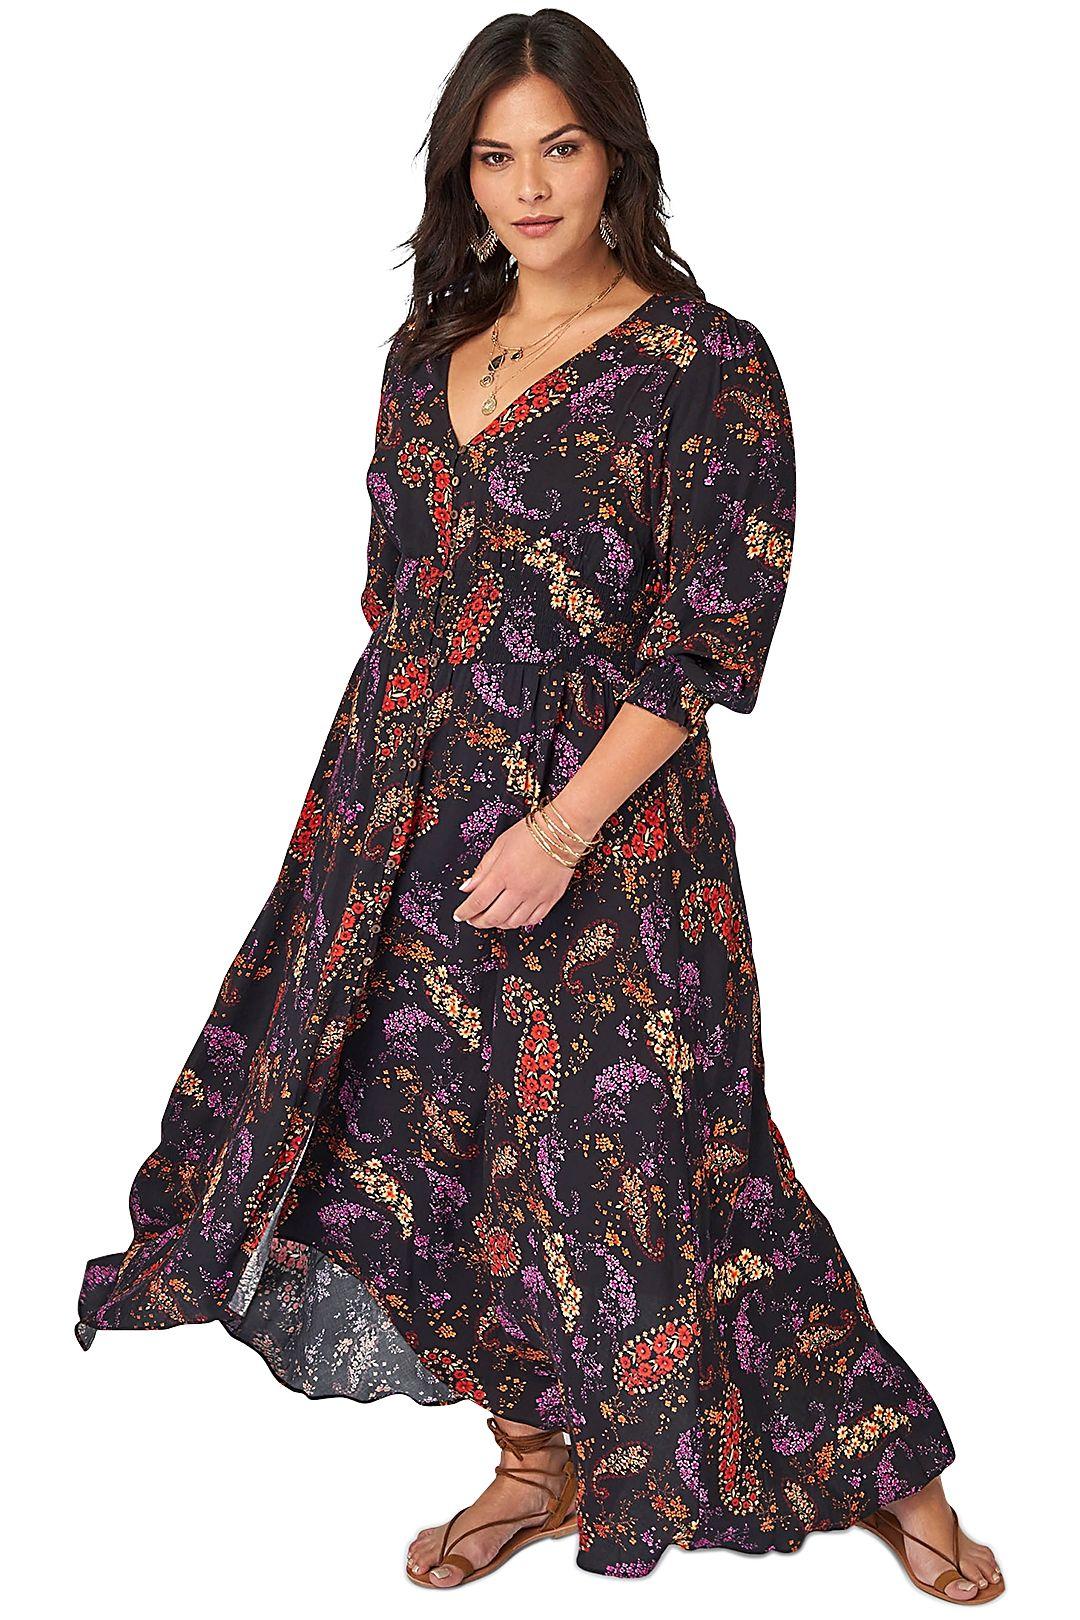 The Poetic Gypsy Gypsy Child Maxi Dress Print Multi